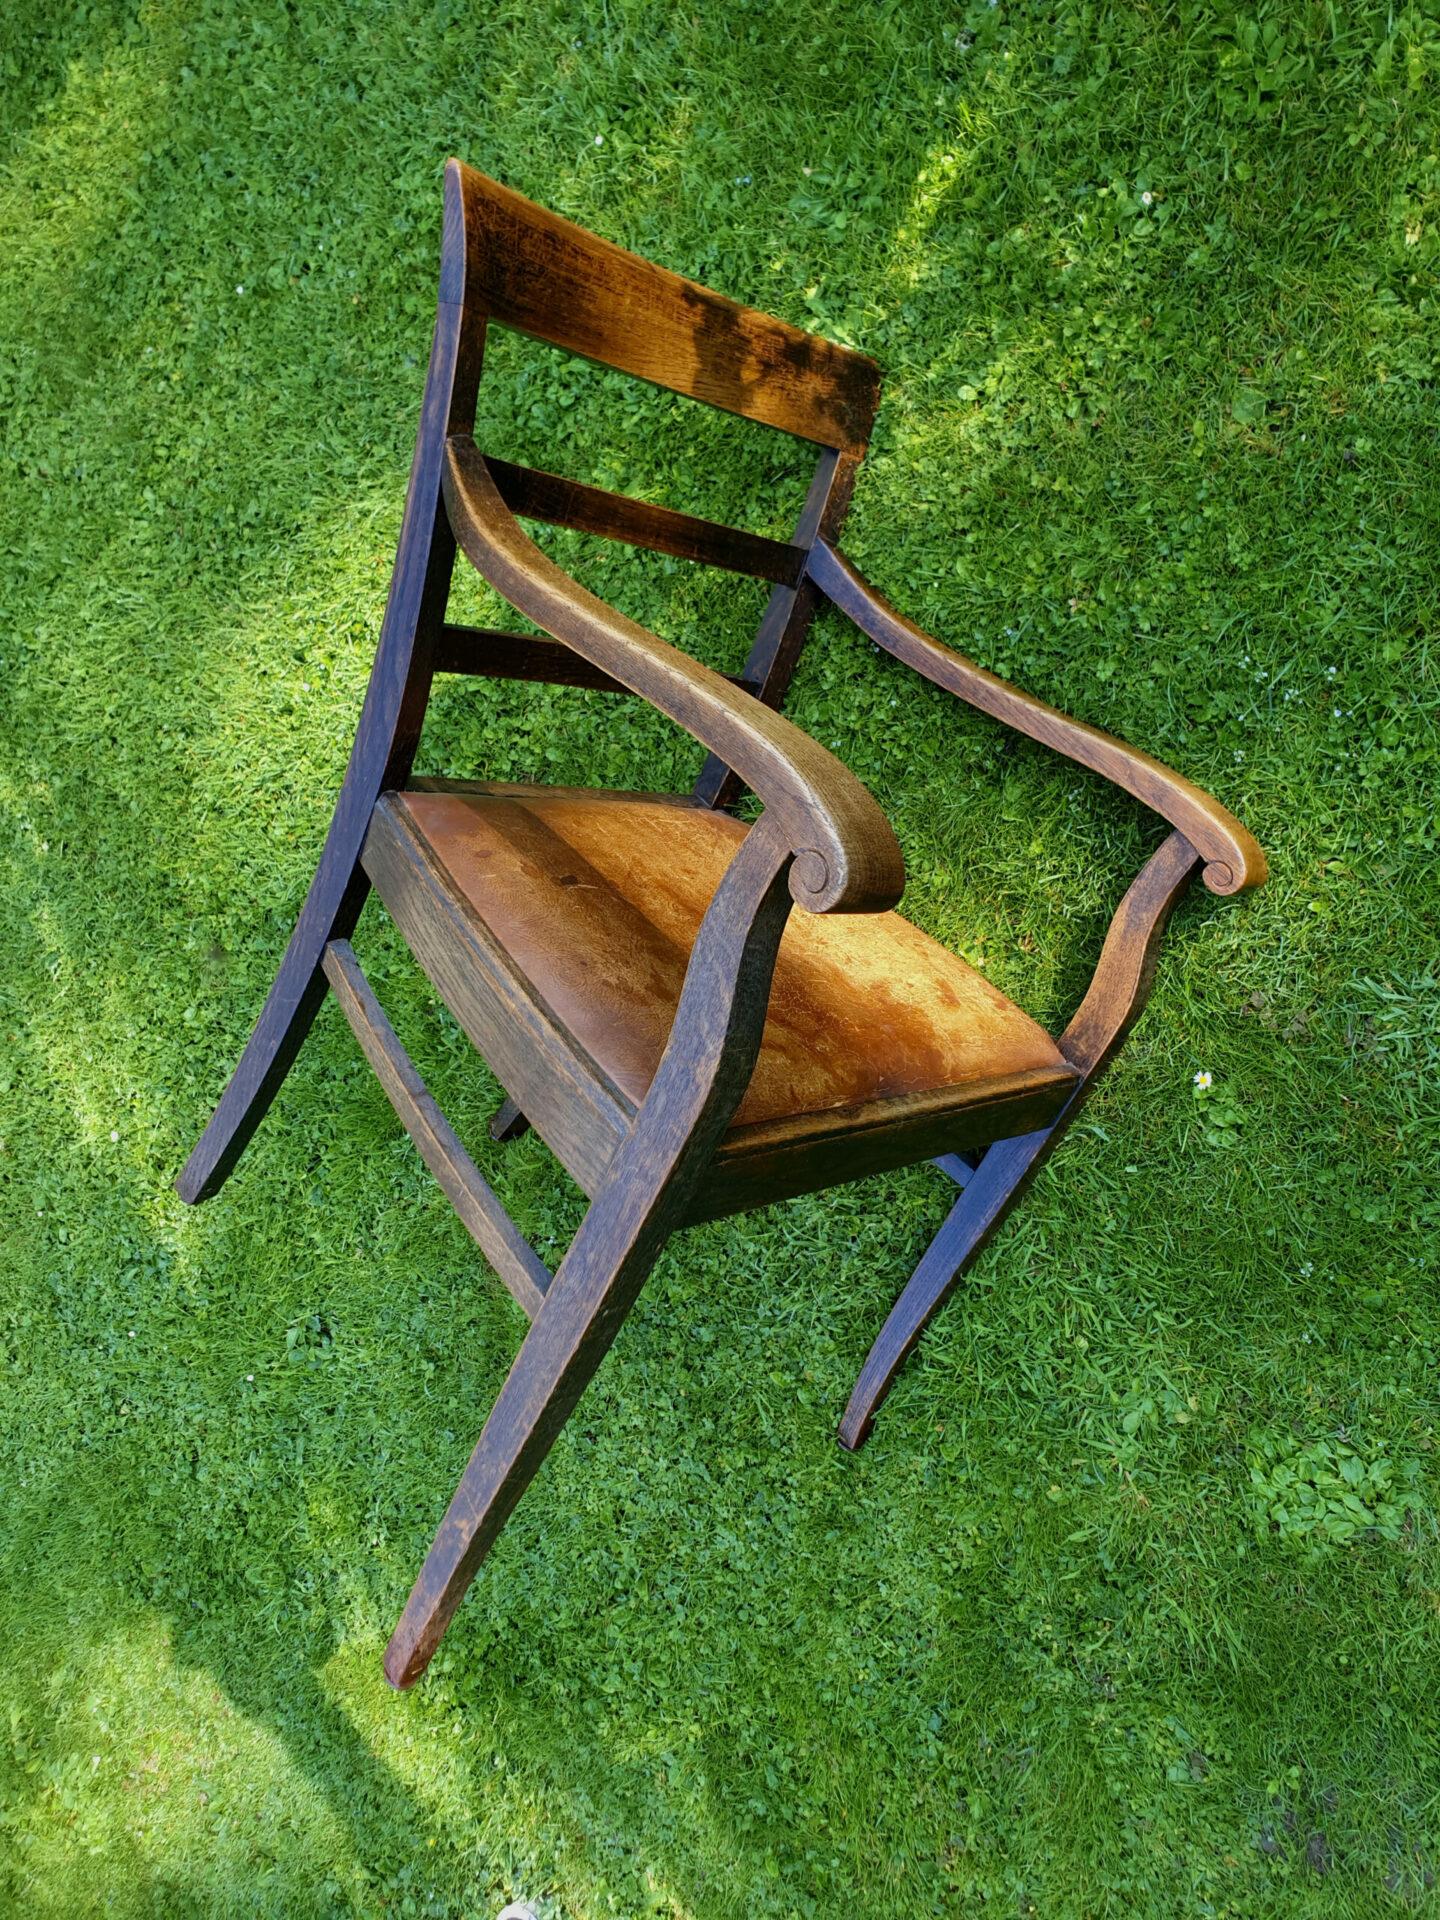 Die Geschichte der Stühle – Gerhard Hallen gibt Einblicke zu Ursprung, Bedeutung und Vielfalt des Sitzmöbels